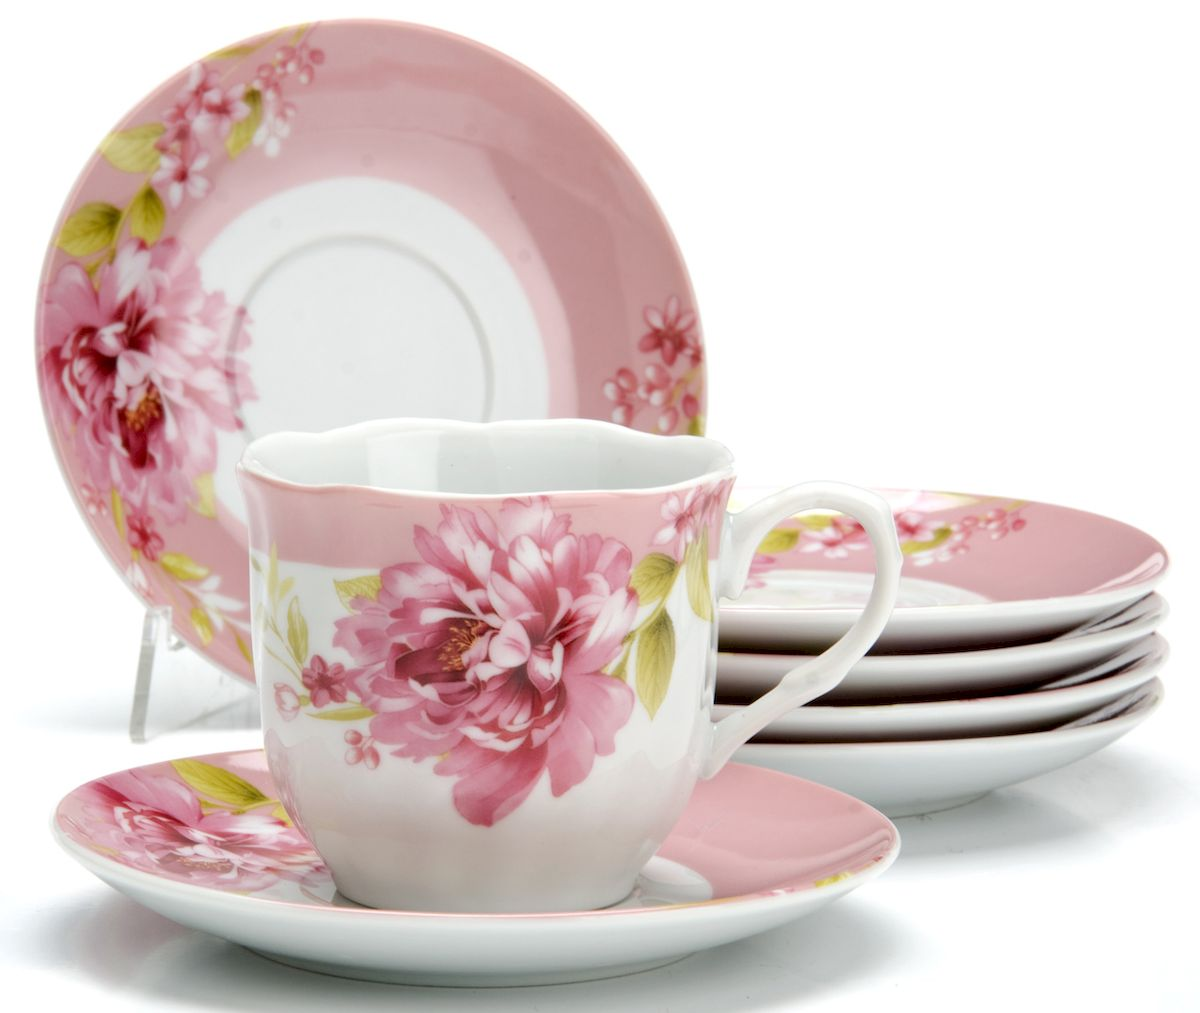 Чайный сервиз на 6 персон изготовлен из качественного фарфора и оформлен красивым рисунком. Элегантный и удобный чайный сервиз не только украсит сервировку стола, но и поднимет настроение и превратит процесс чаепития в одно удовольствие. Сервиз состоит из 12 предметов: шести чашек и шести блюдец, упакованных в подарочную коробку. Чашки имеют удобную, изящную ручку. Изделия легко и просто мыть.  Диаметр чашки: 8 см. Высота чашки: 7,5 см. Объем чашки: 220 мл. Диаметр блюдца: 14 см.